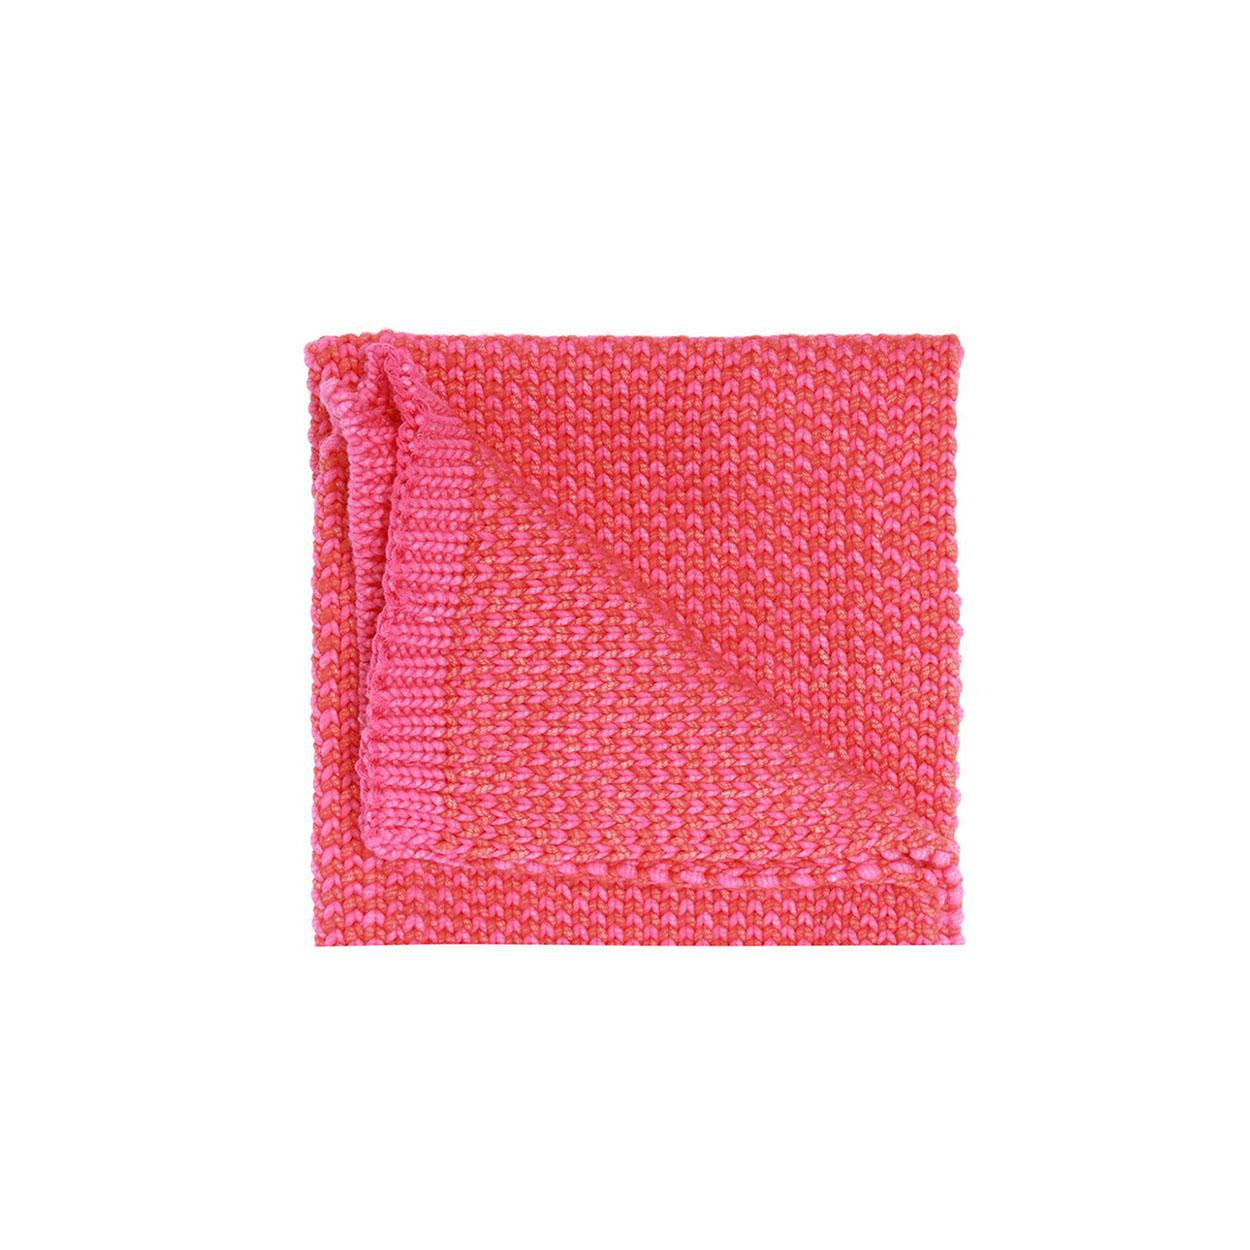 Image of Sciarpa rosa